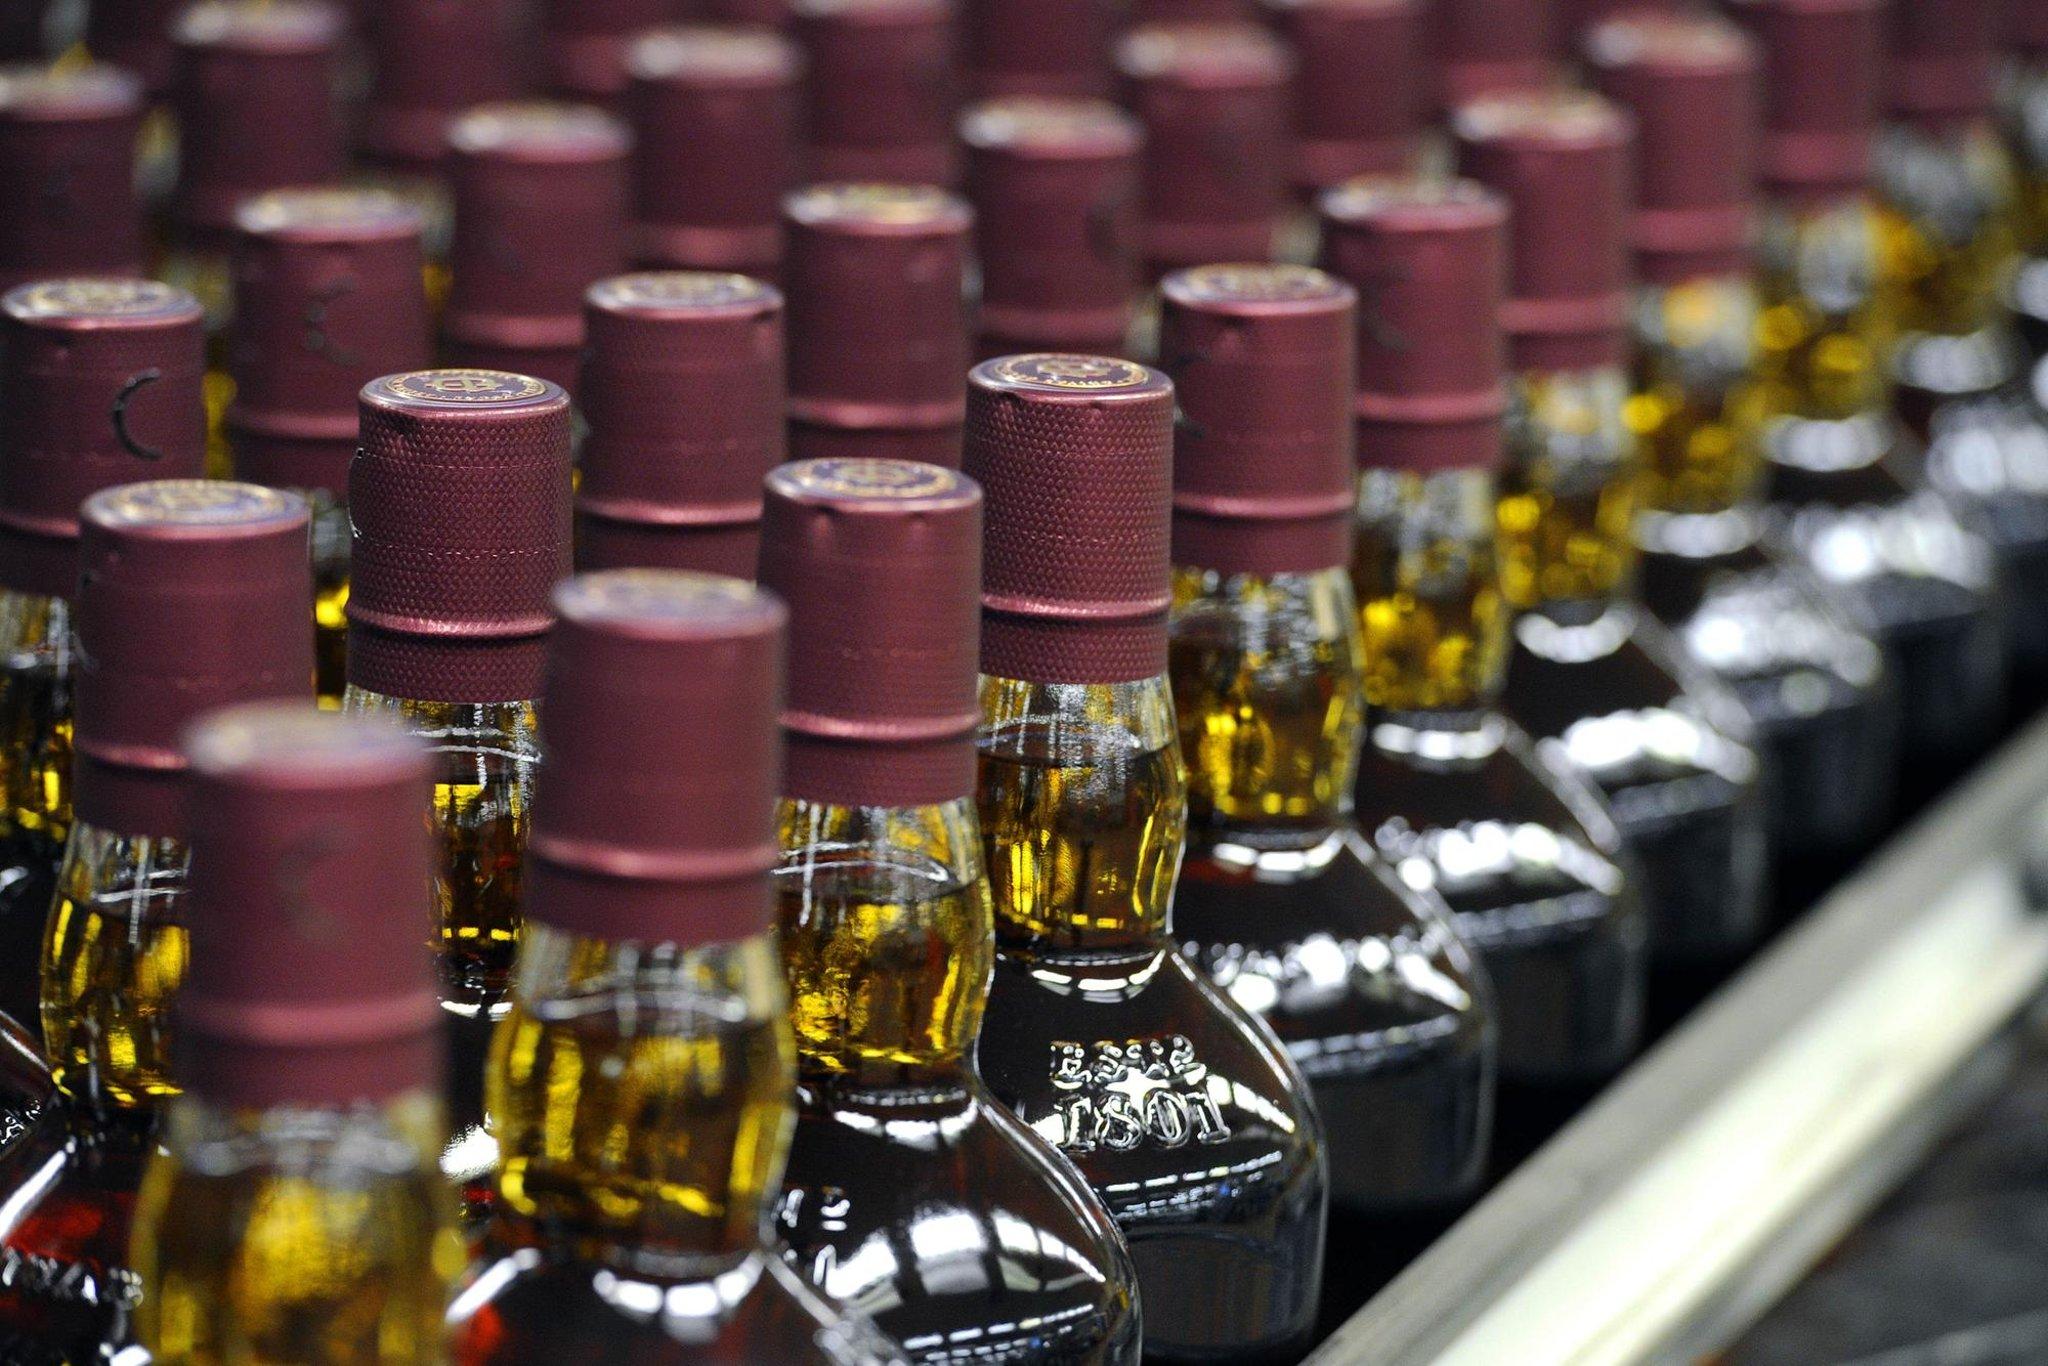 Produsen wiski terbesar kedua di Skotlandia melihat 'pertumbuhan penjualan yang baik' terus berlanjut